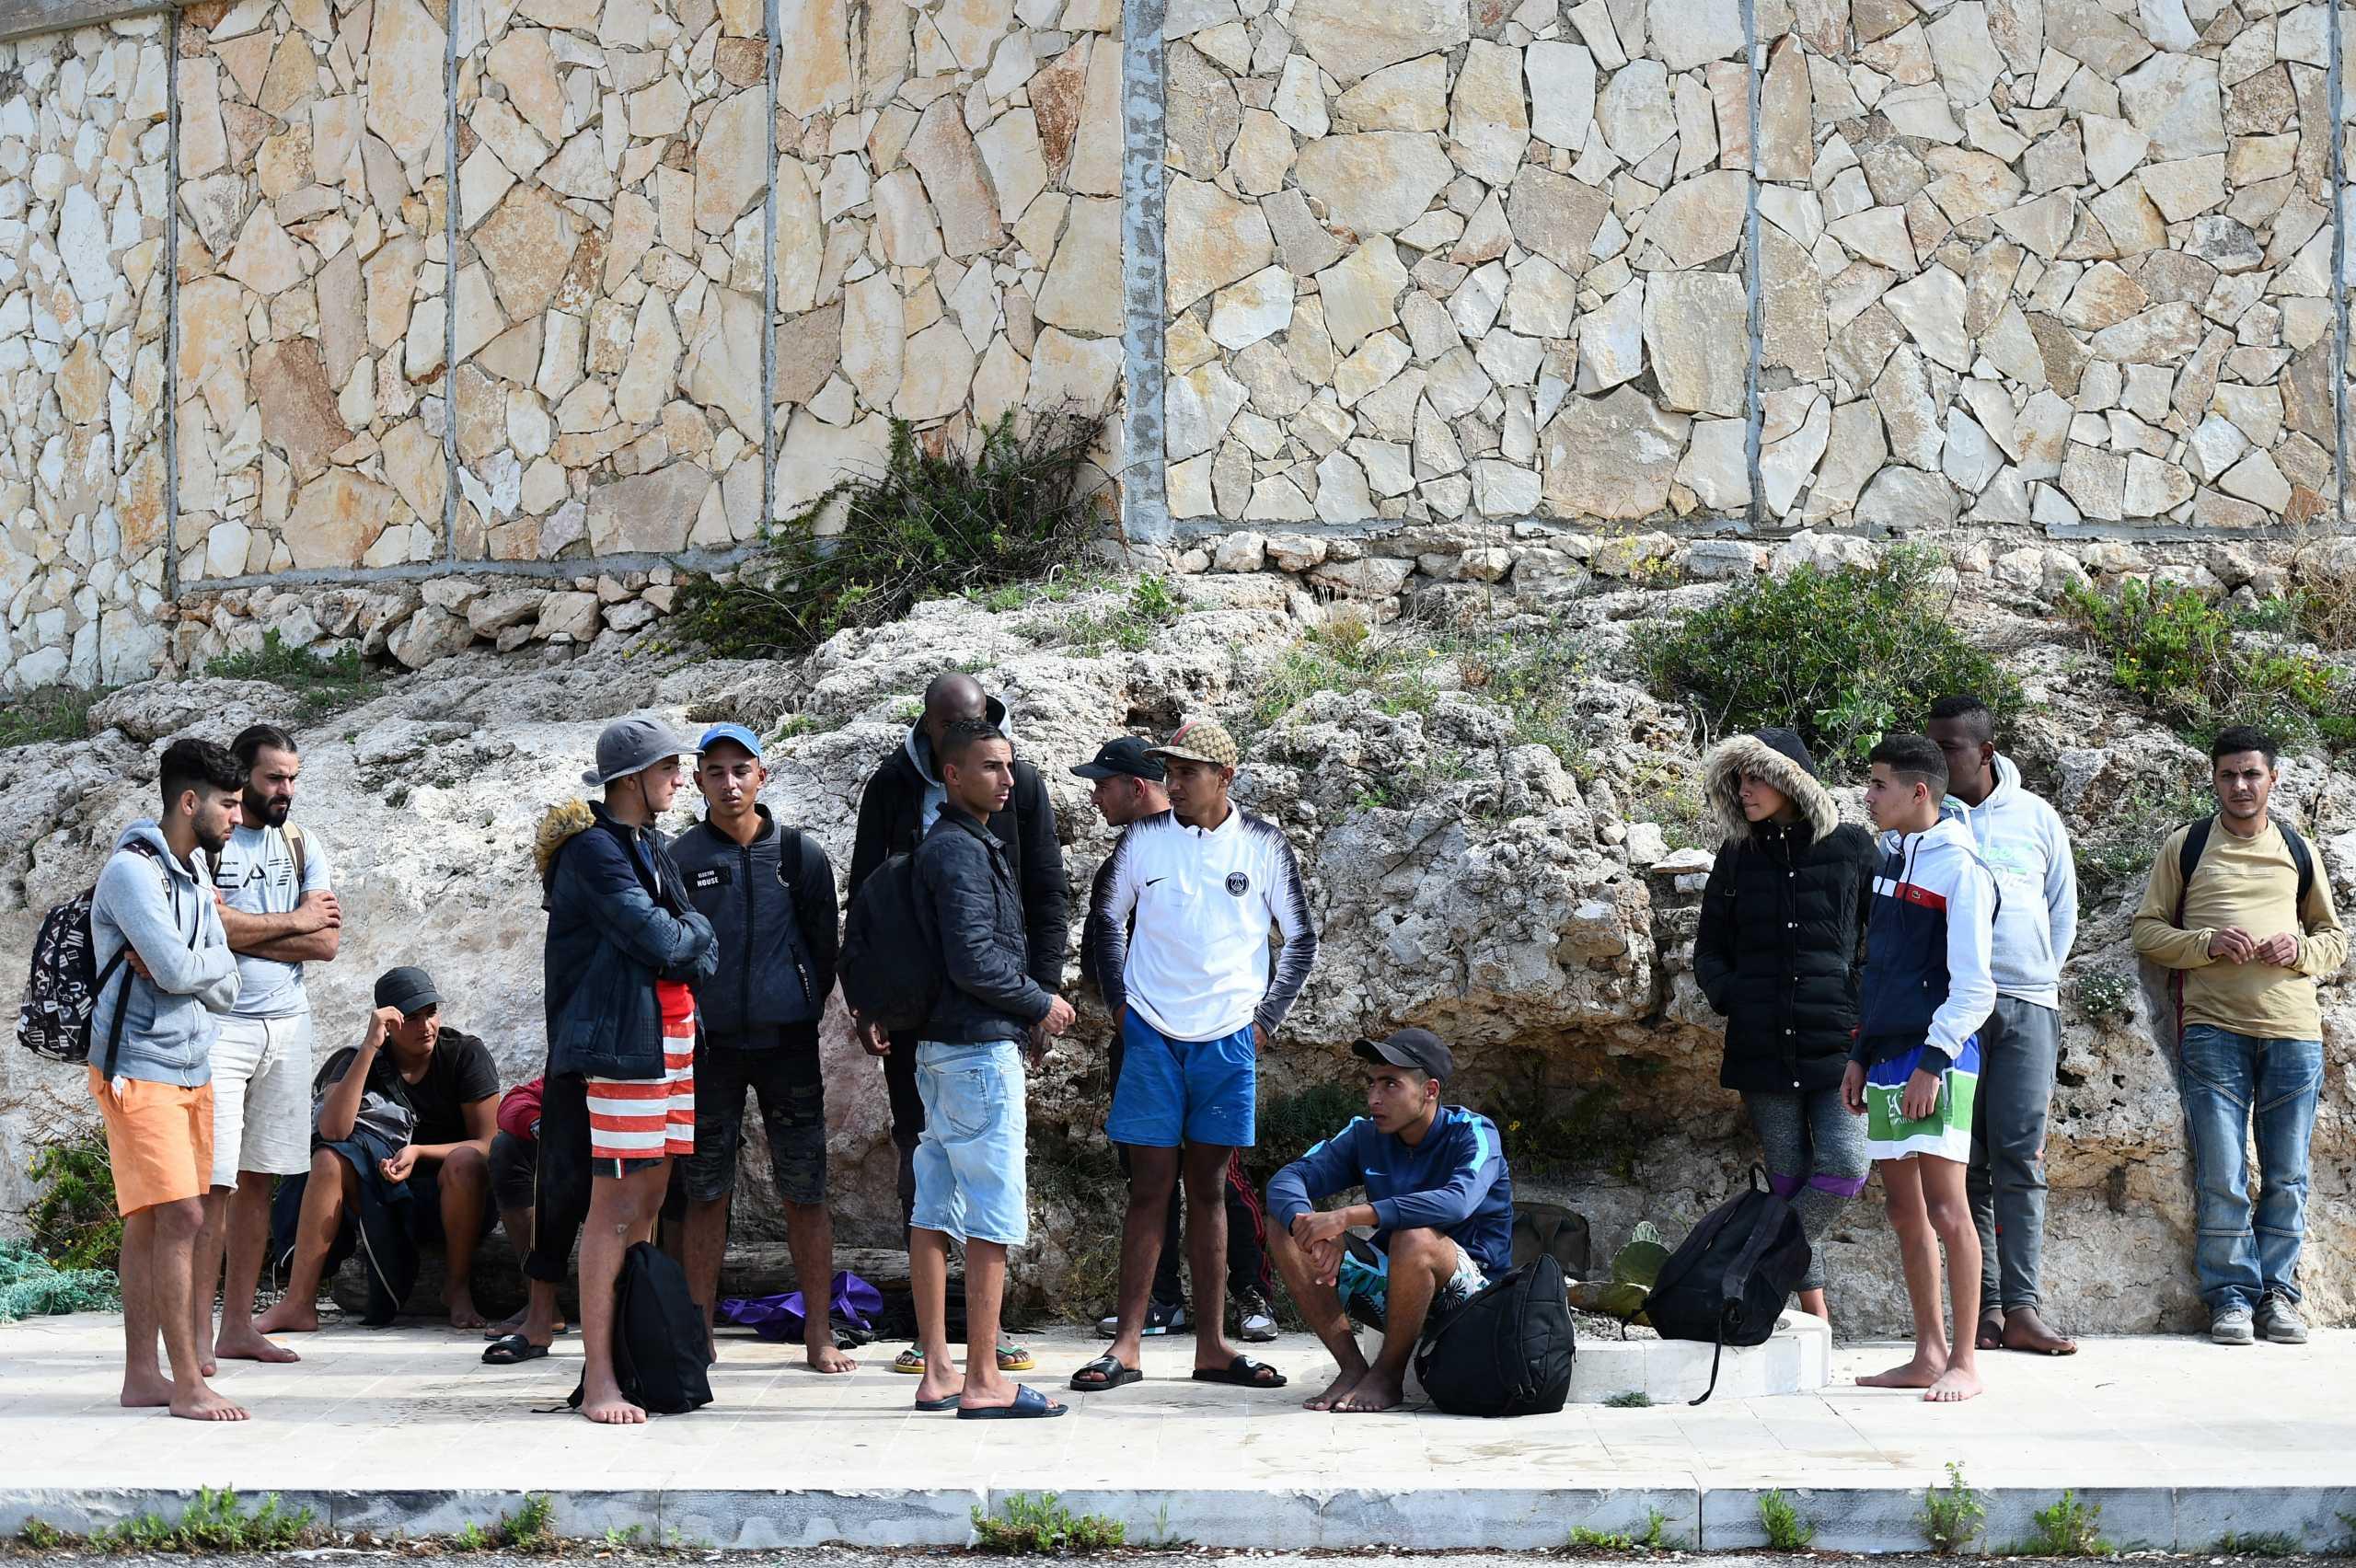 Ιταλία: Σχεδόν 1000 μετανάστες και πρόσφυγες έφτασαν στην Λαμπεντούζα το τελευταίο 24ωρο